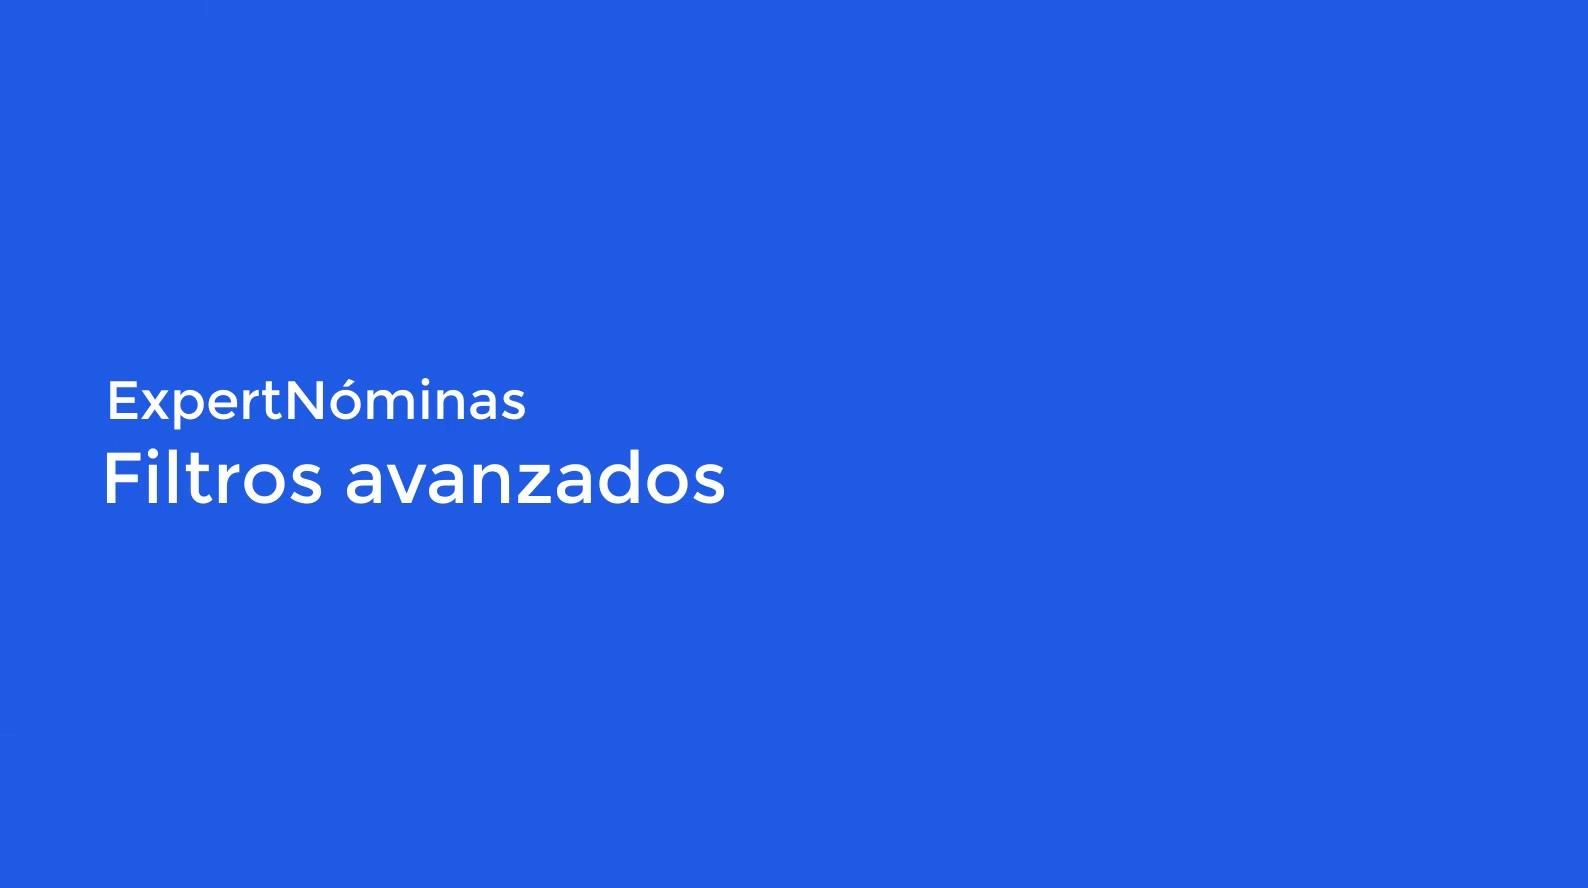 Filtros avanzados Nominas